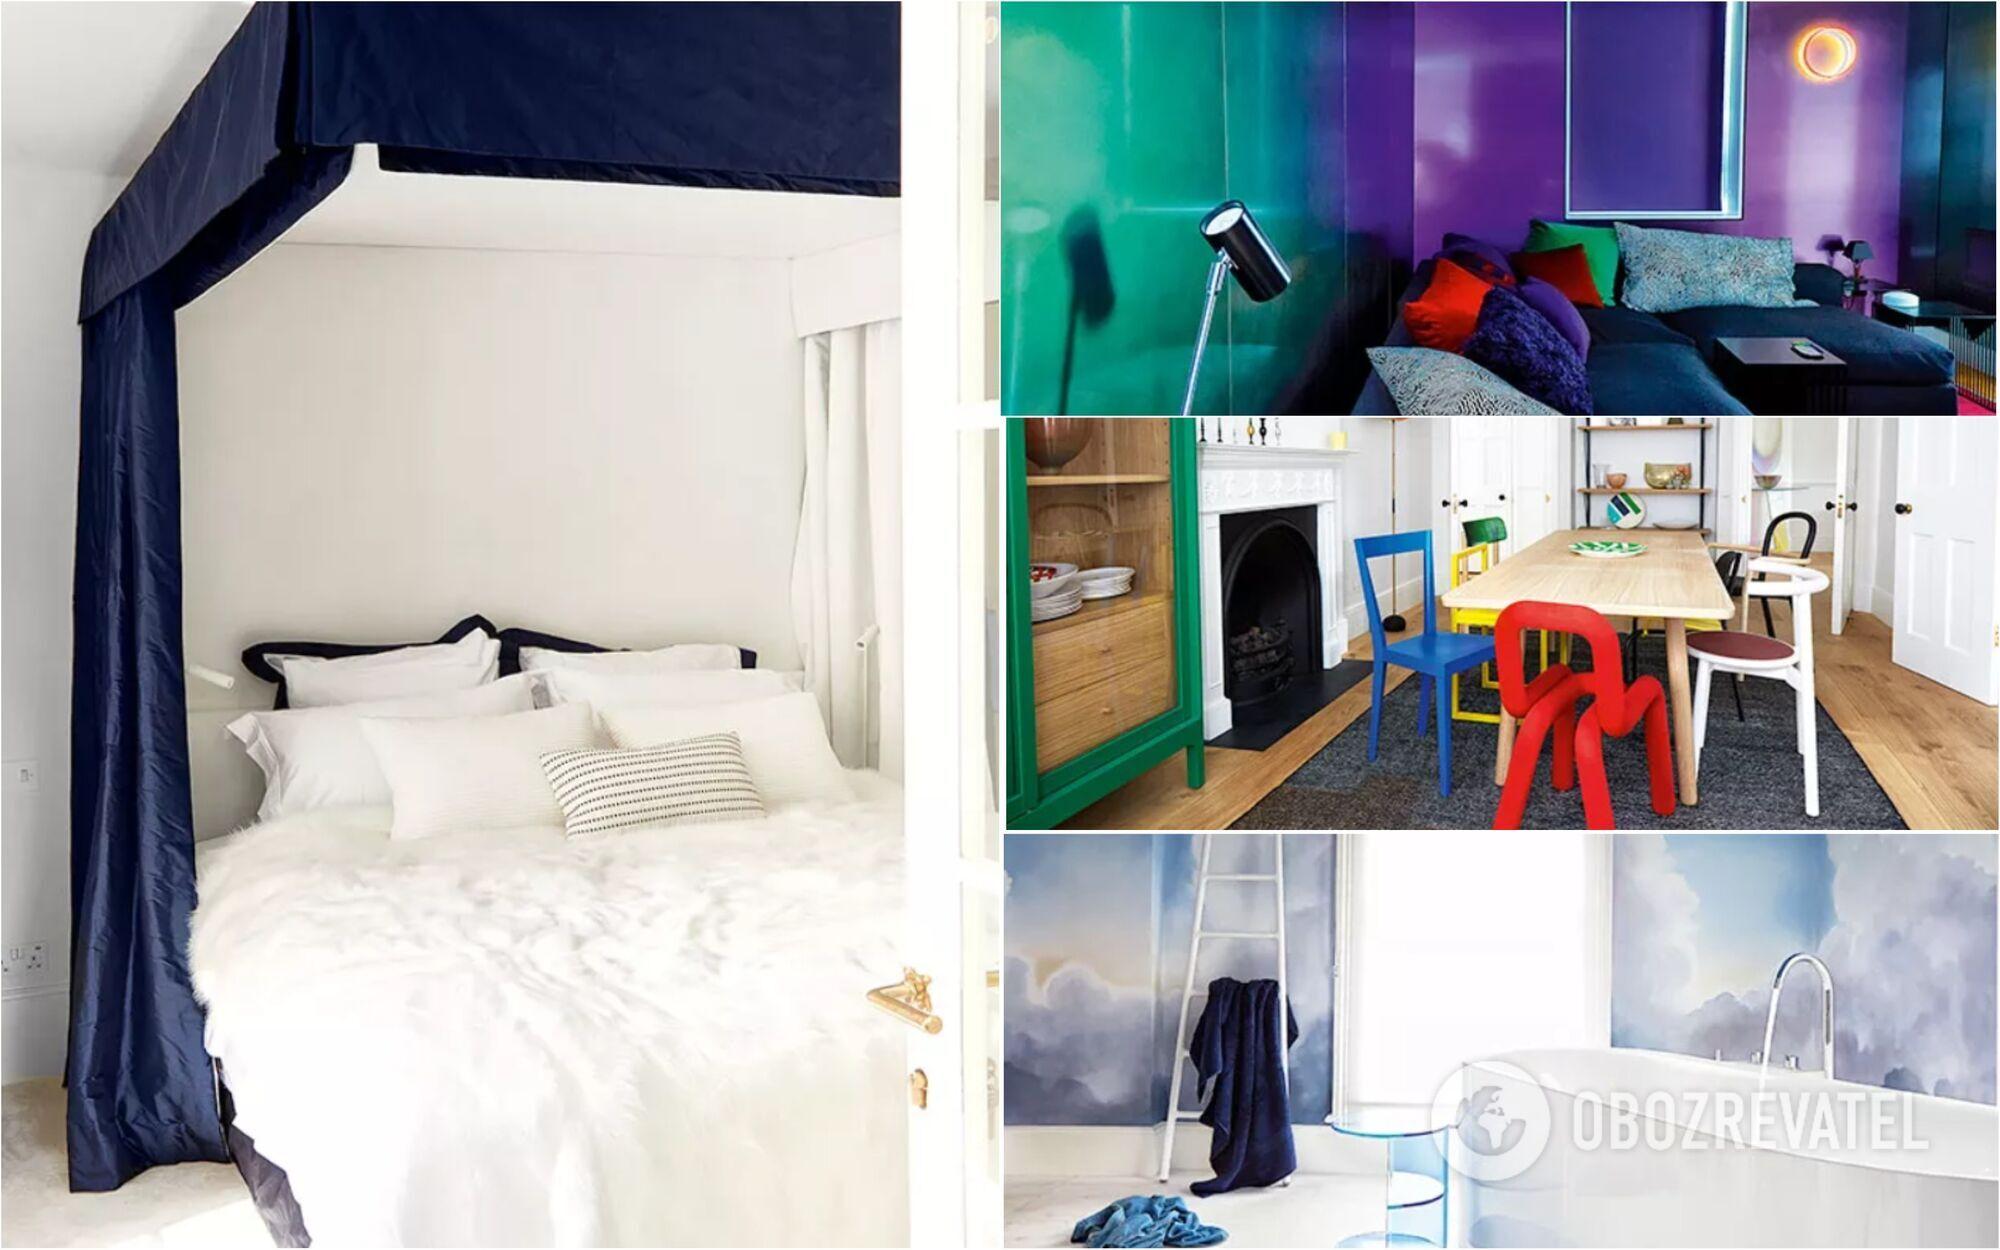 Дом Кары Делевинь в Лондоне – проект бюро Waldo Works.